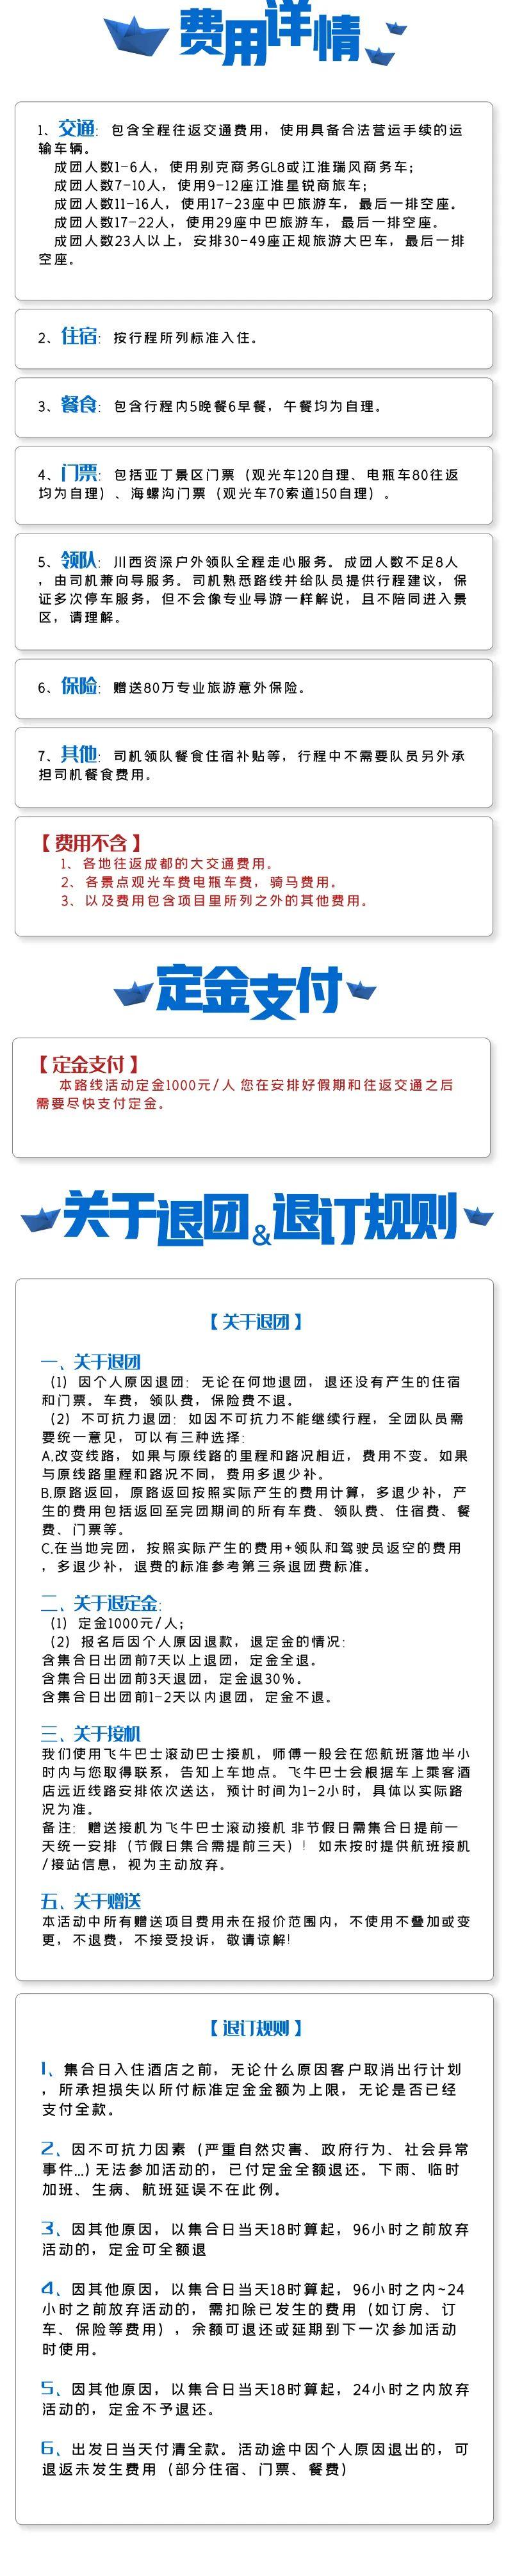 (10)【海稻传奇】稻城亚丁海螺沟红石滩冰川深度7日游-户外活动图-驼铃网